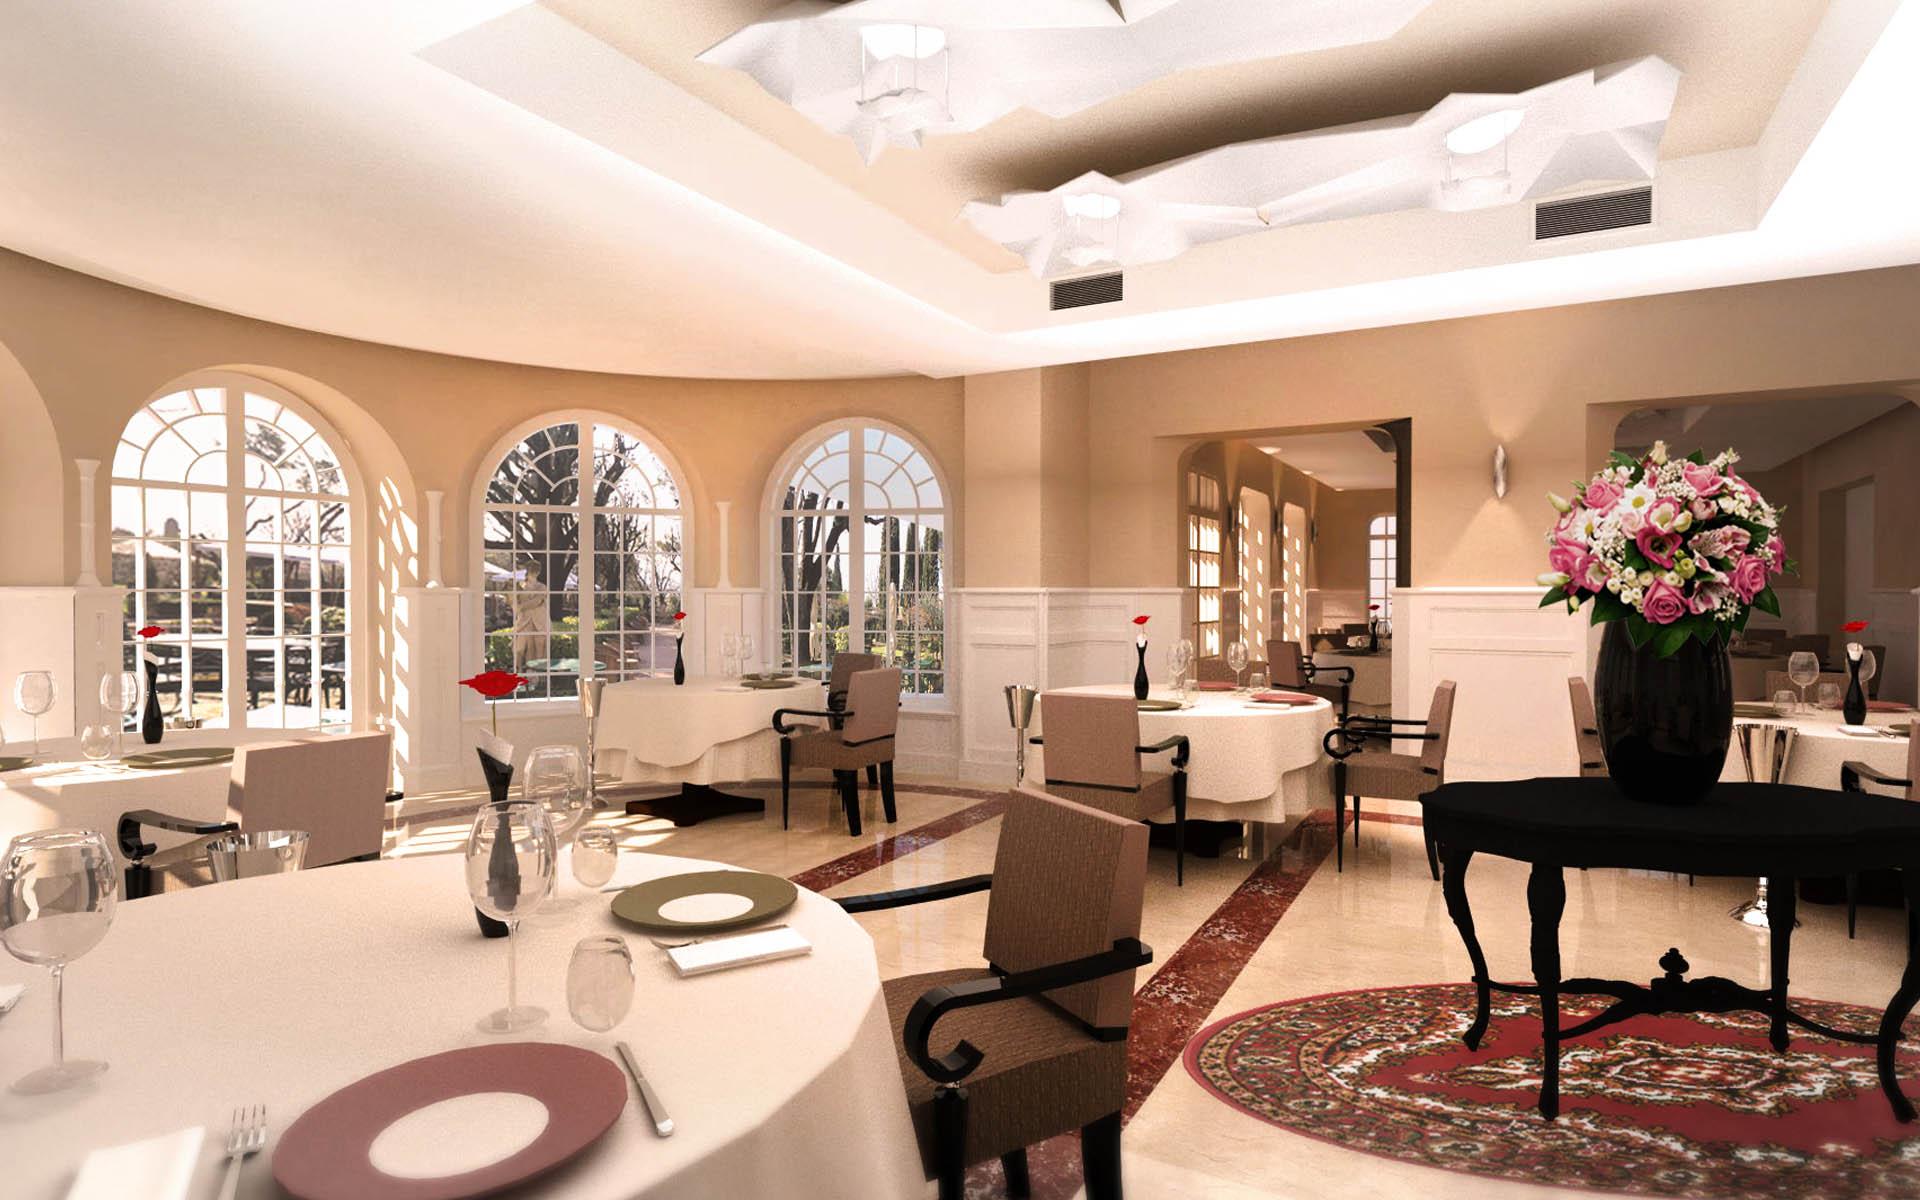 Architecte intérieur Hotel - Aix en provence 17